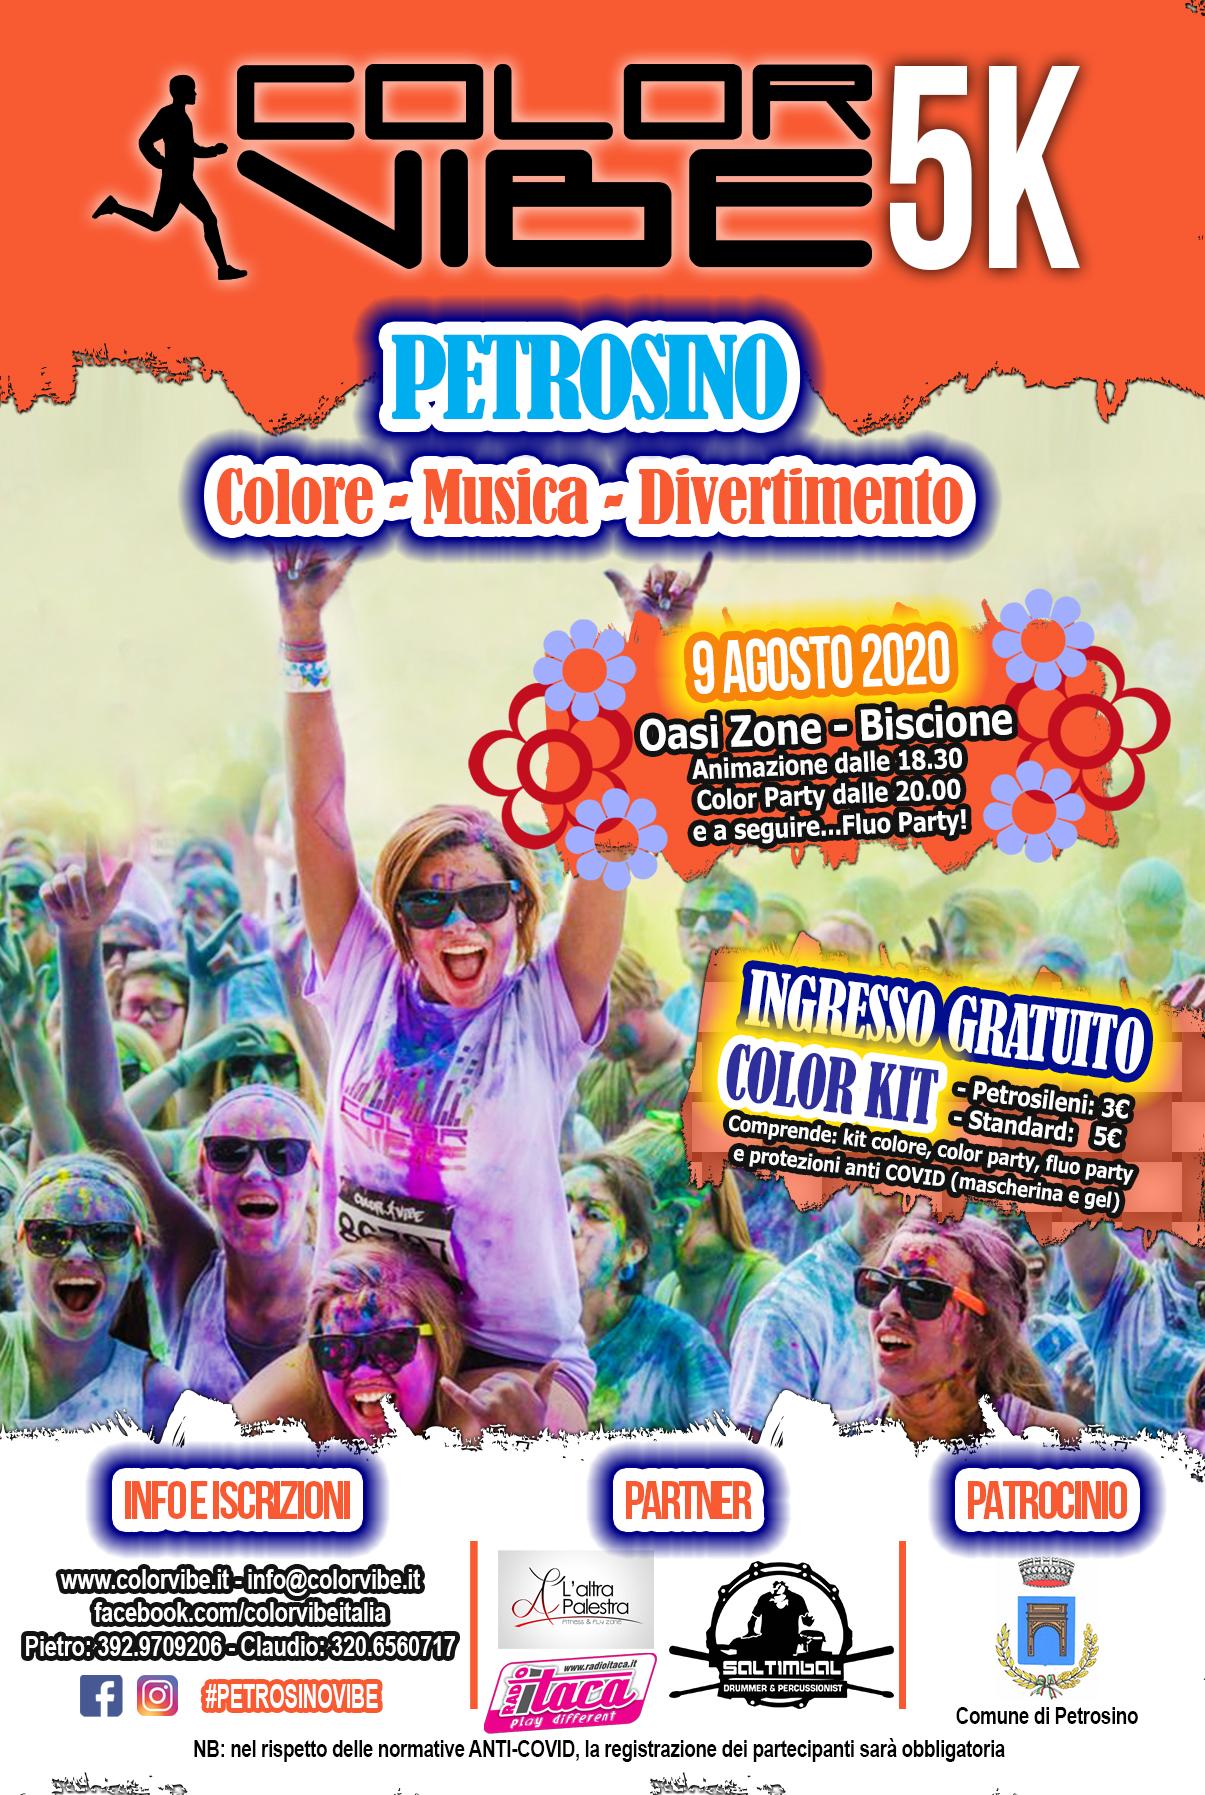 Petrosino Color Vibe 5k, il 9 agosto è festa